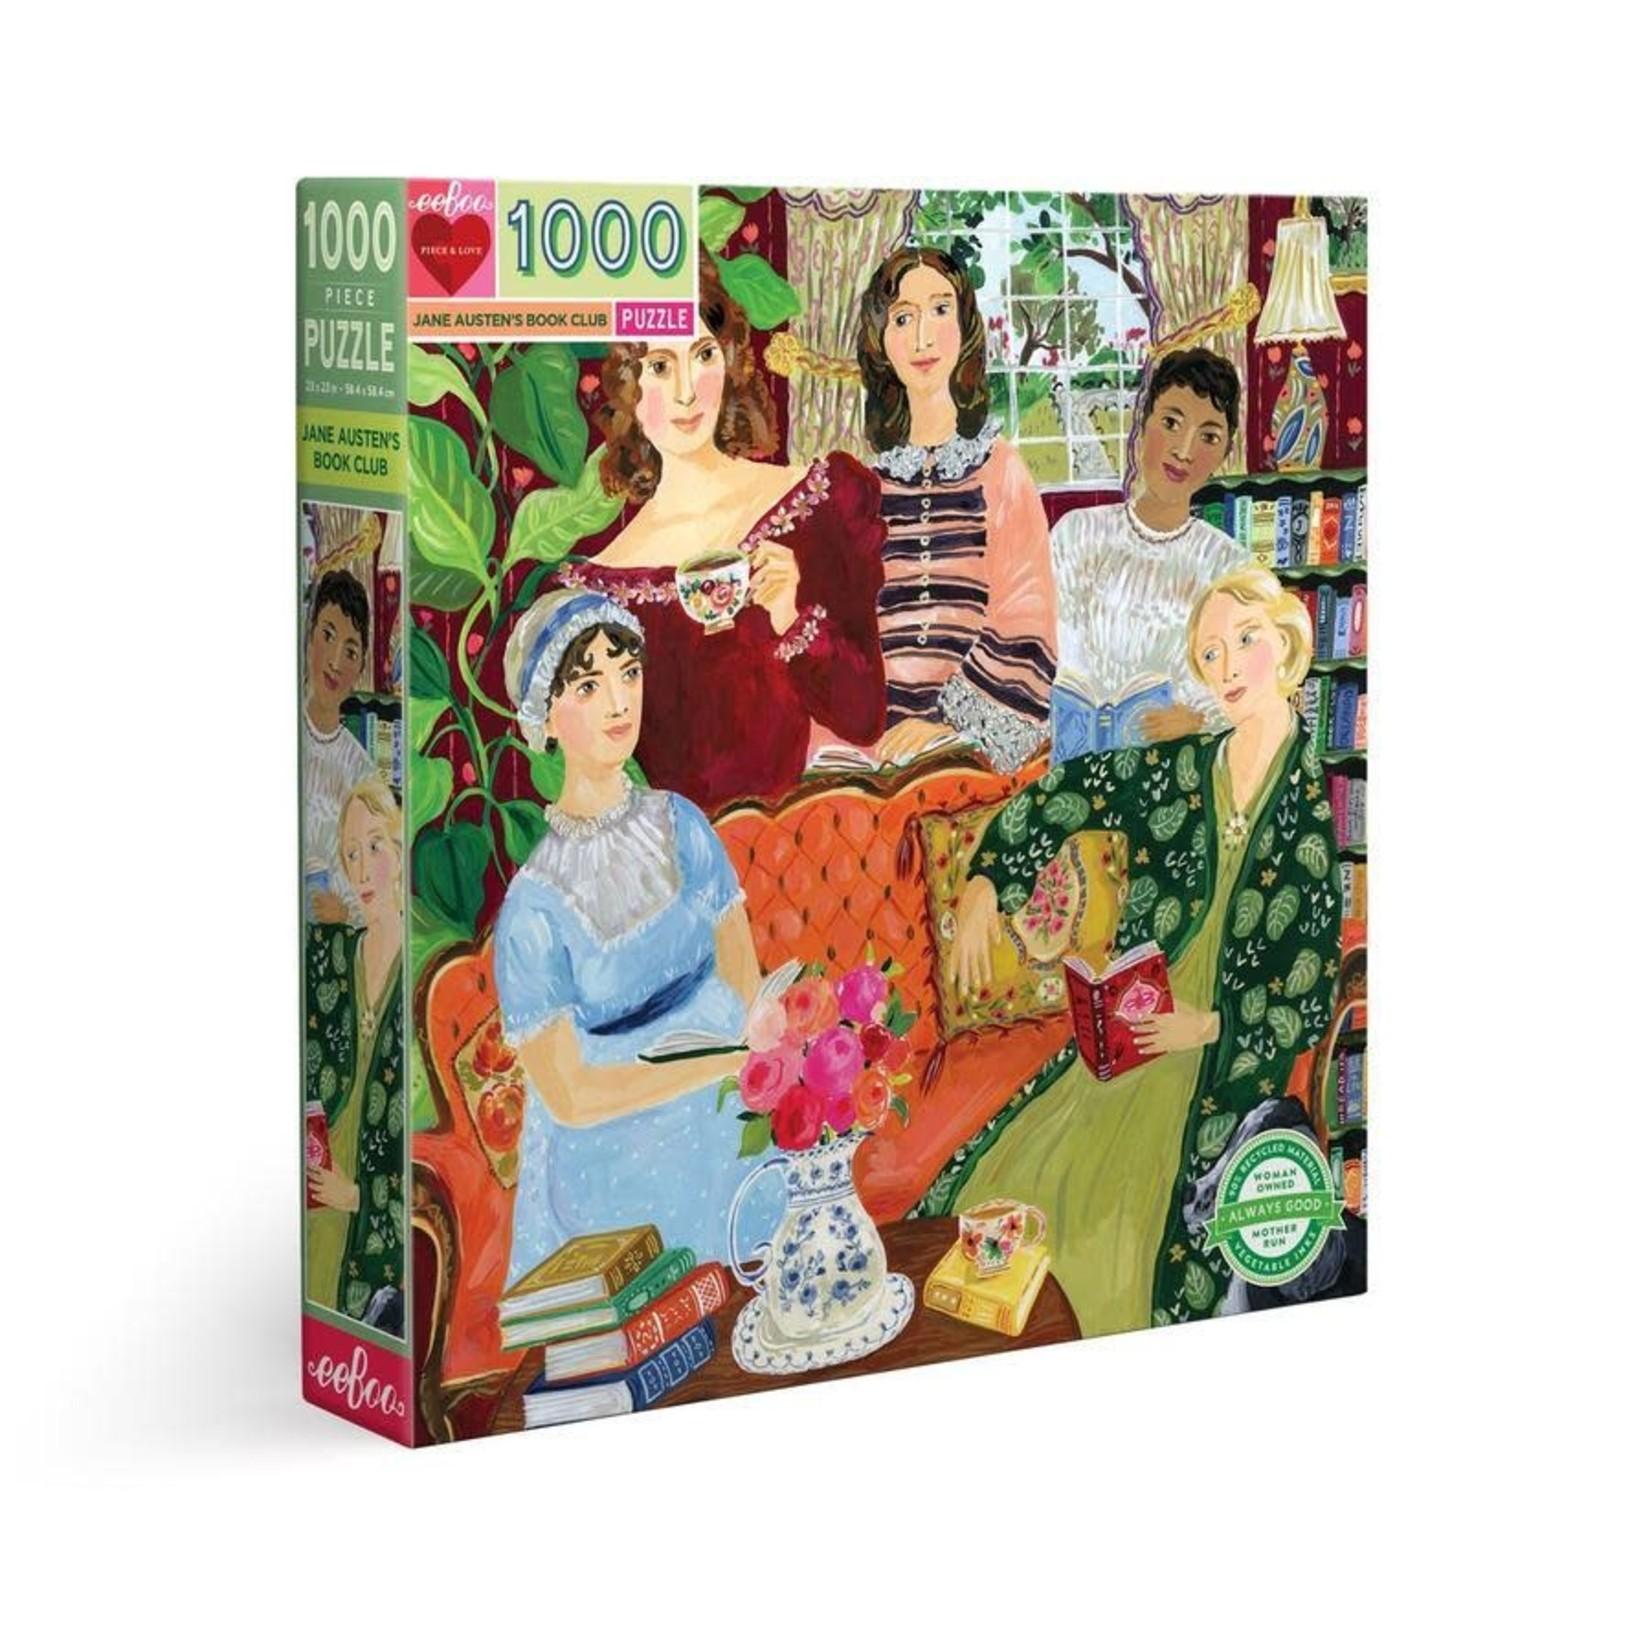 eeBoo eeBoo Puzzle: Jane Austen's Book Club 1000 pc